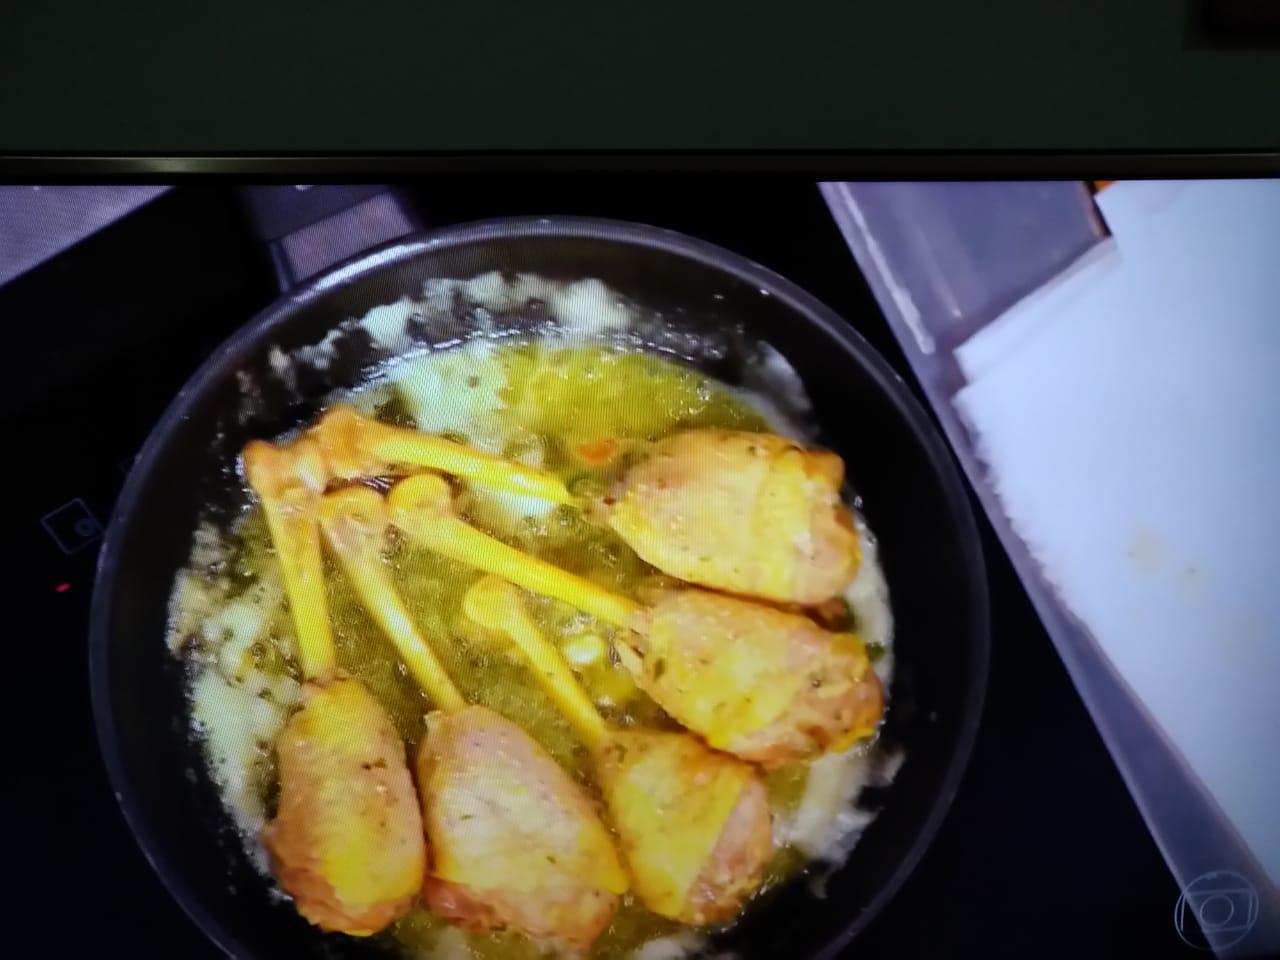 Preparo do prato apresentado pelo piauiense no reality de culinária. (Foto: Reprodução)